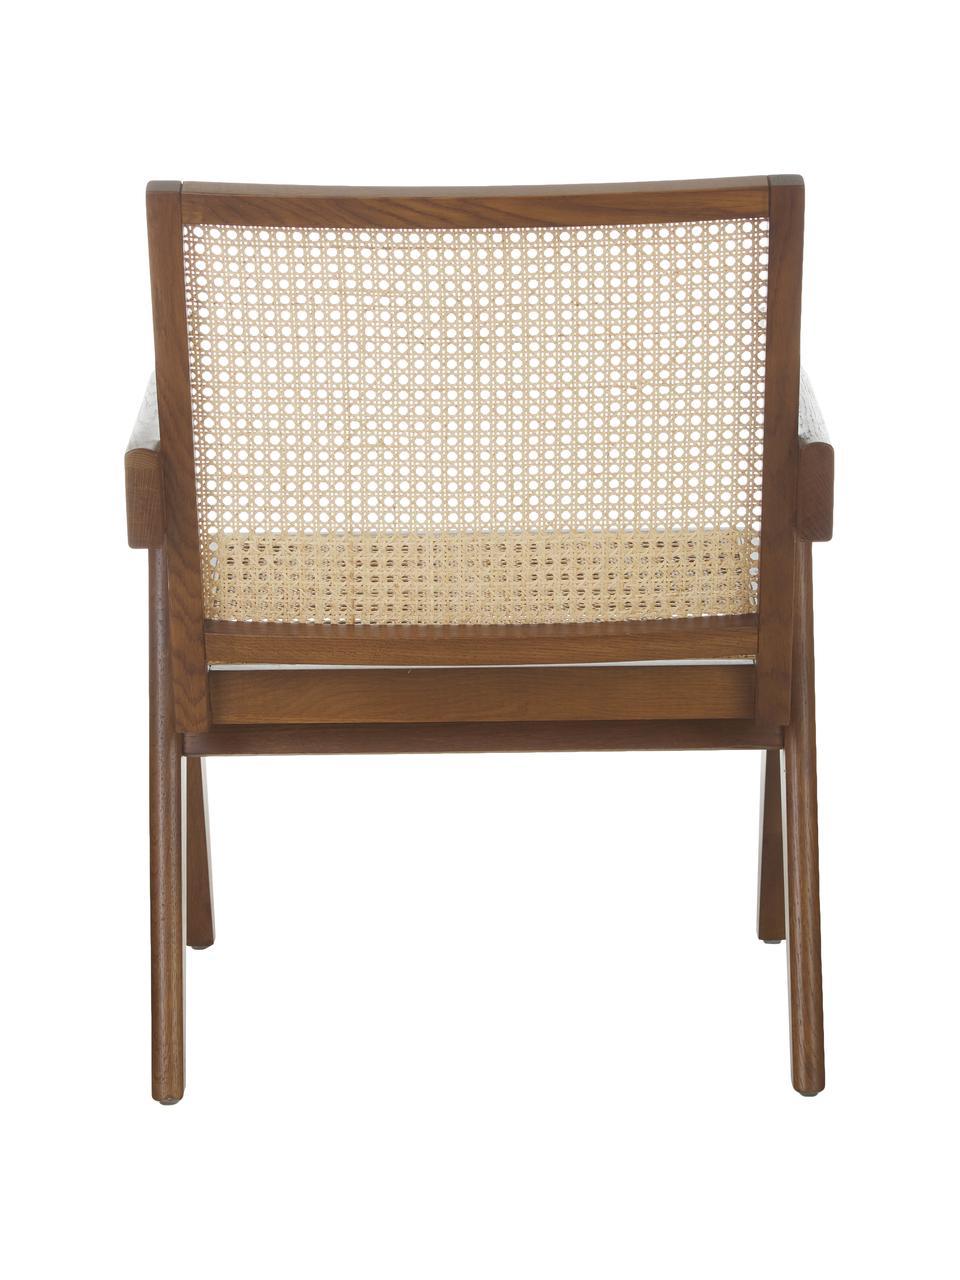 Loungefauteuil Sissi met Weens vlechtwerk, Frame: massief eikenhout, Zitvlak: rotan, Eikenhoutkleurig, 58 x 66 cm